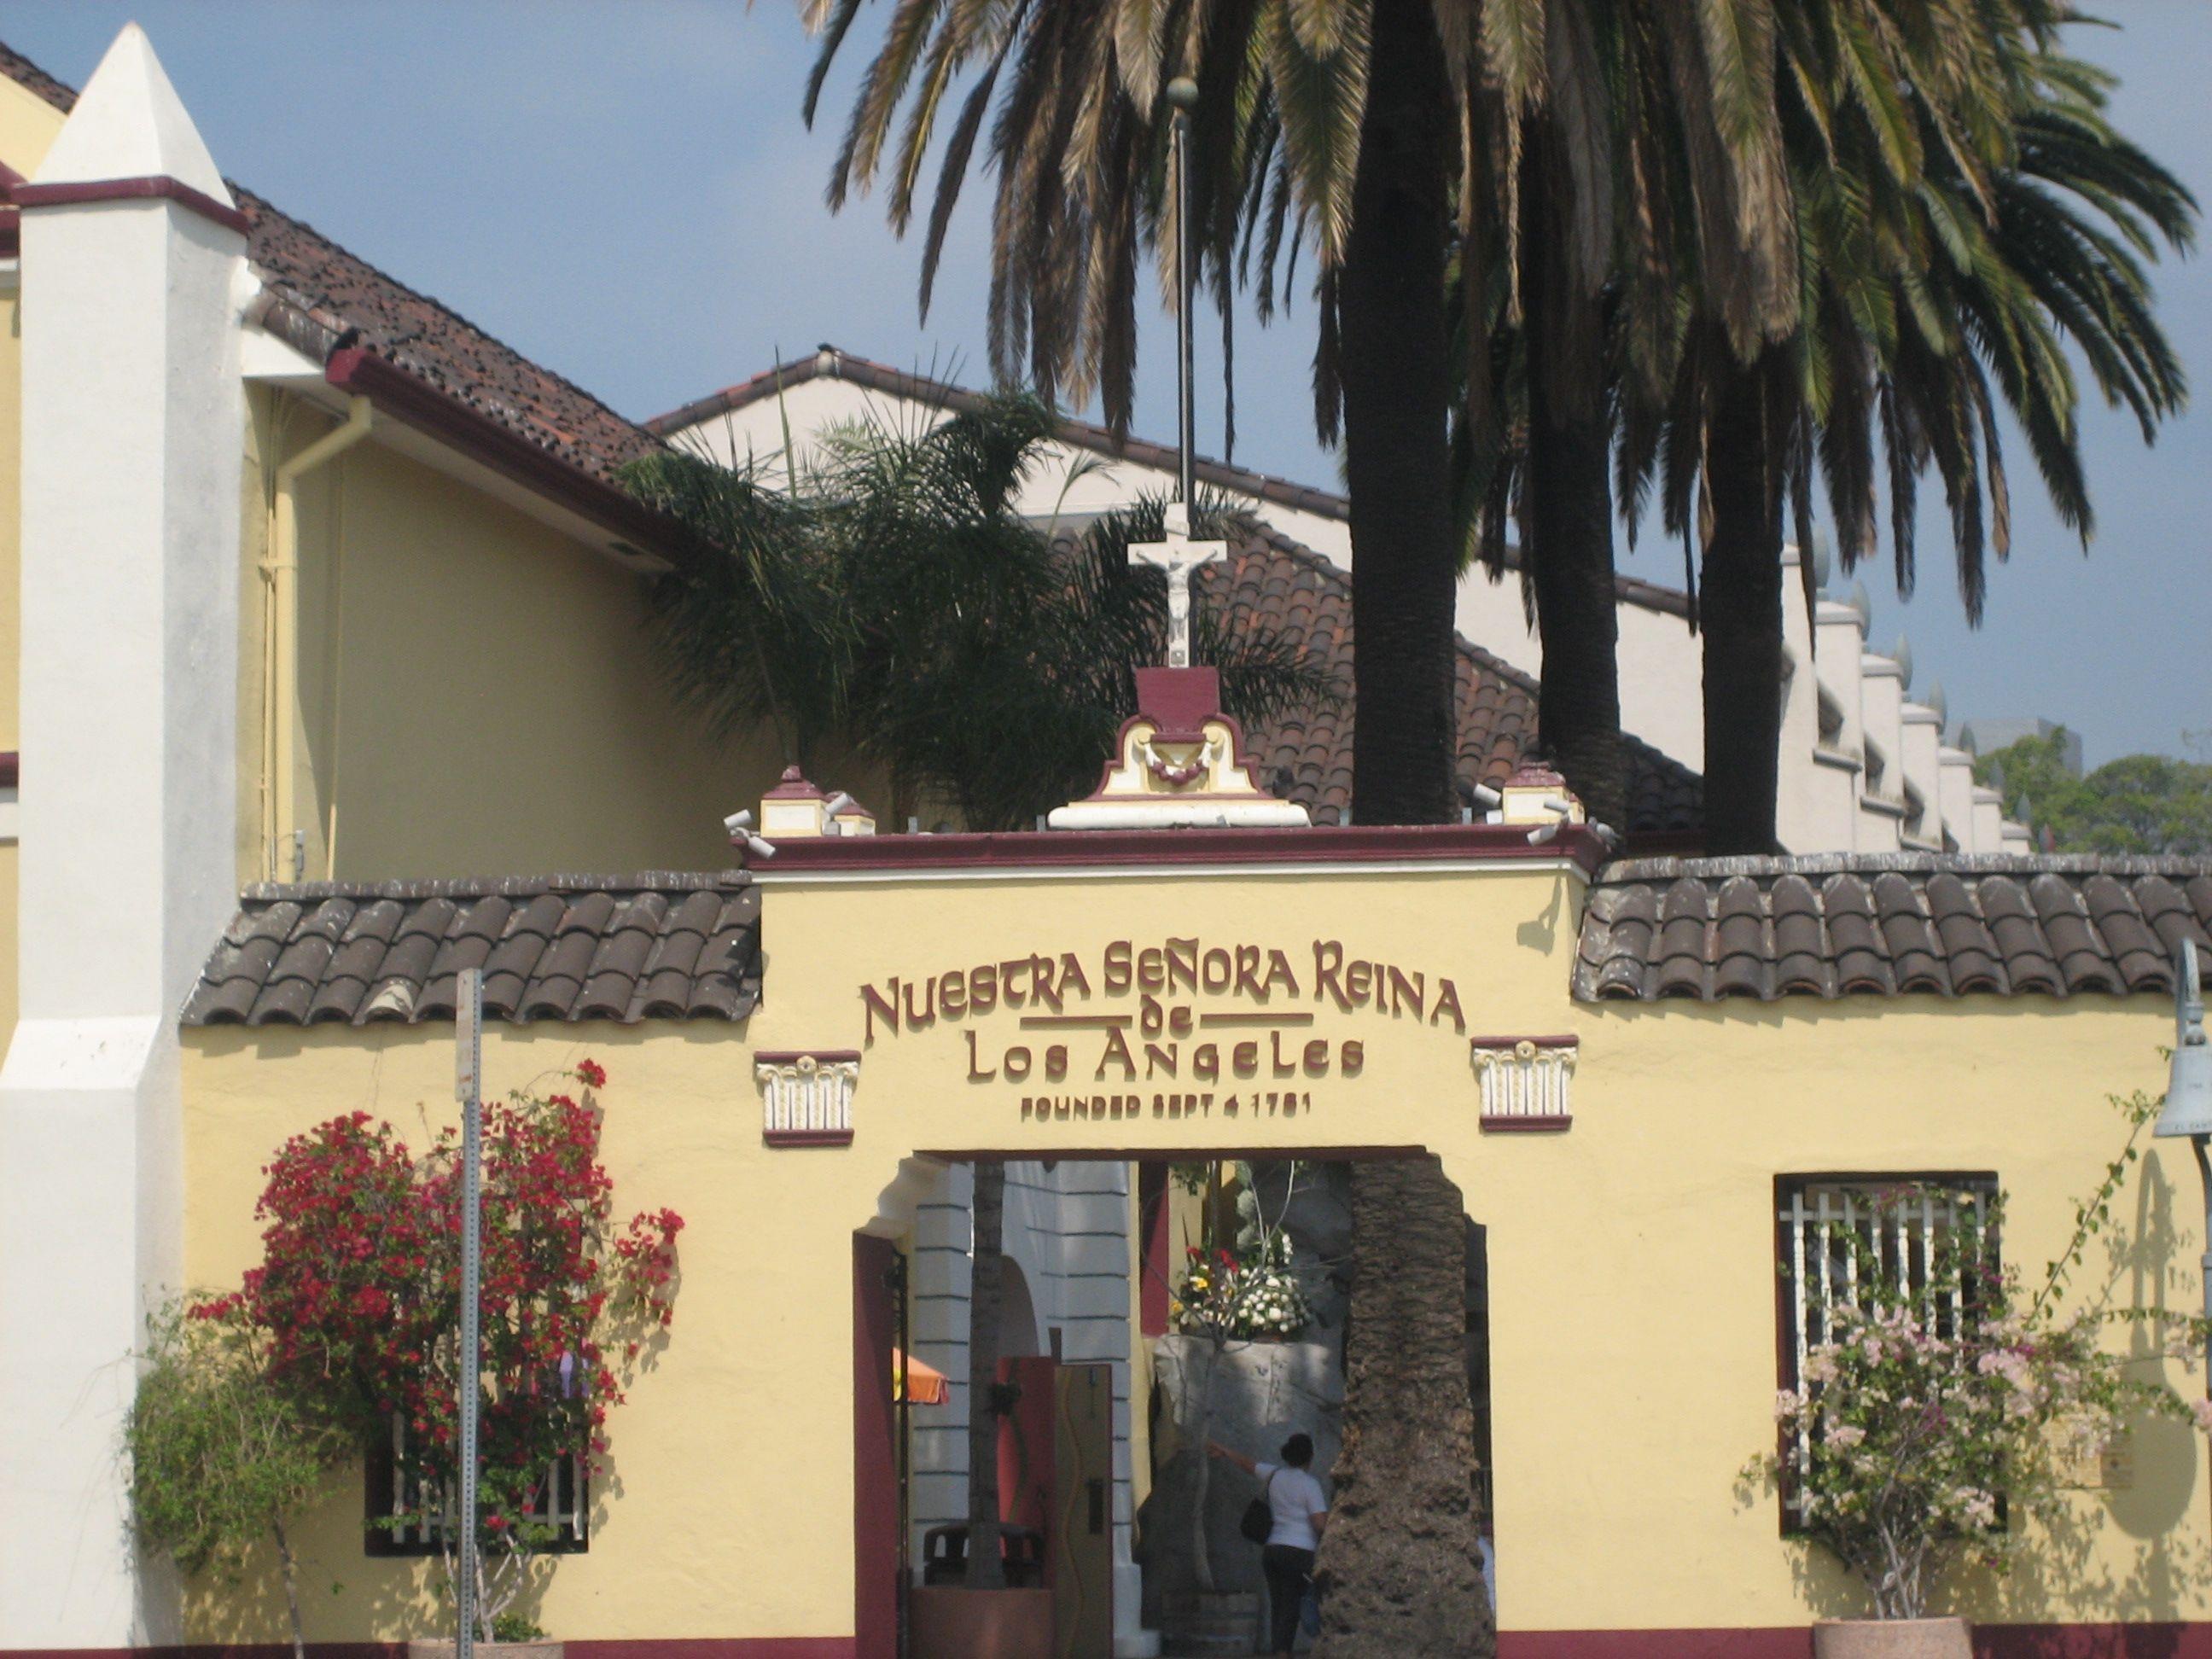 Nuestra Señora Reina de los Angeles - Founded 1784